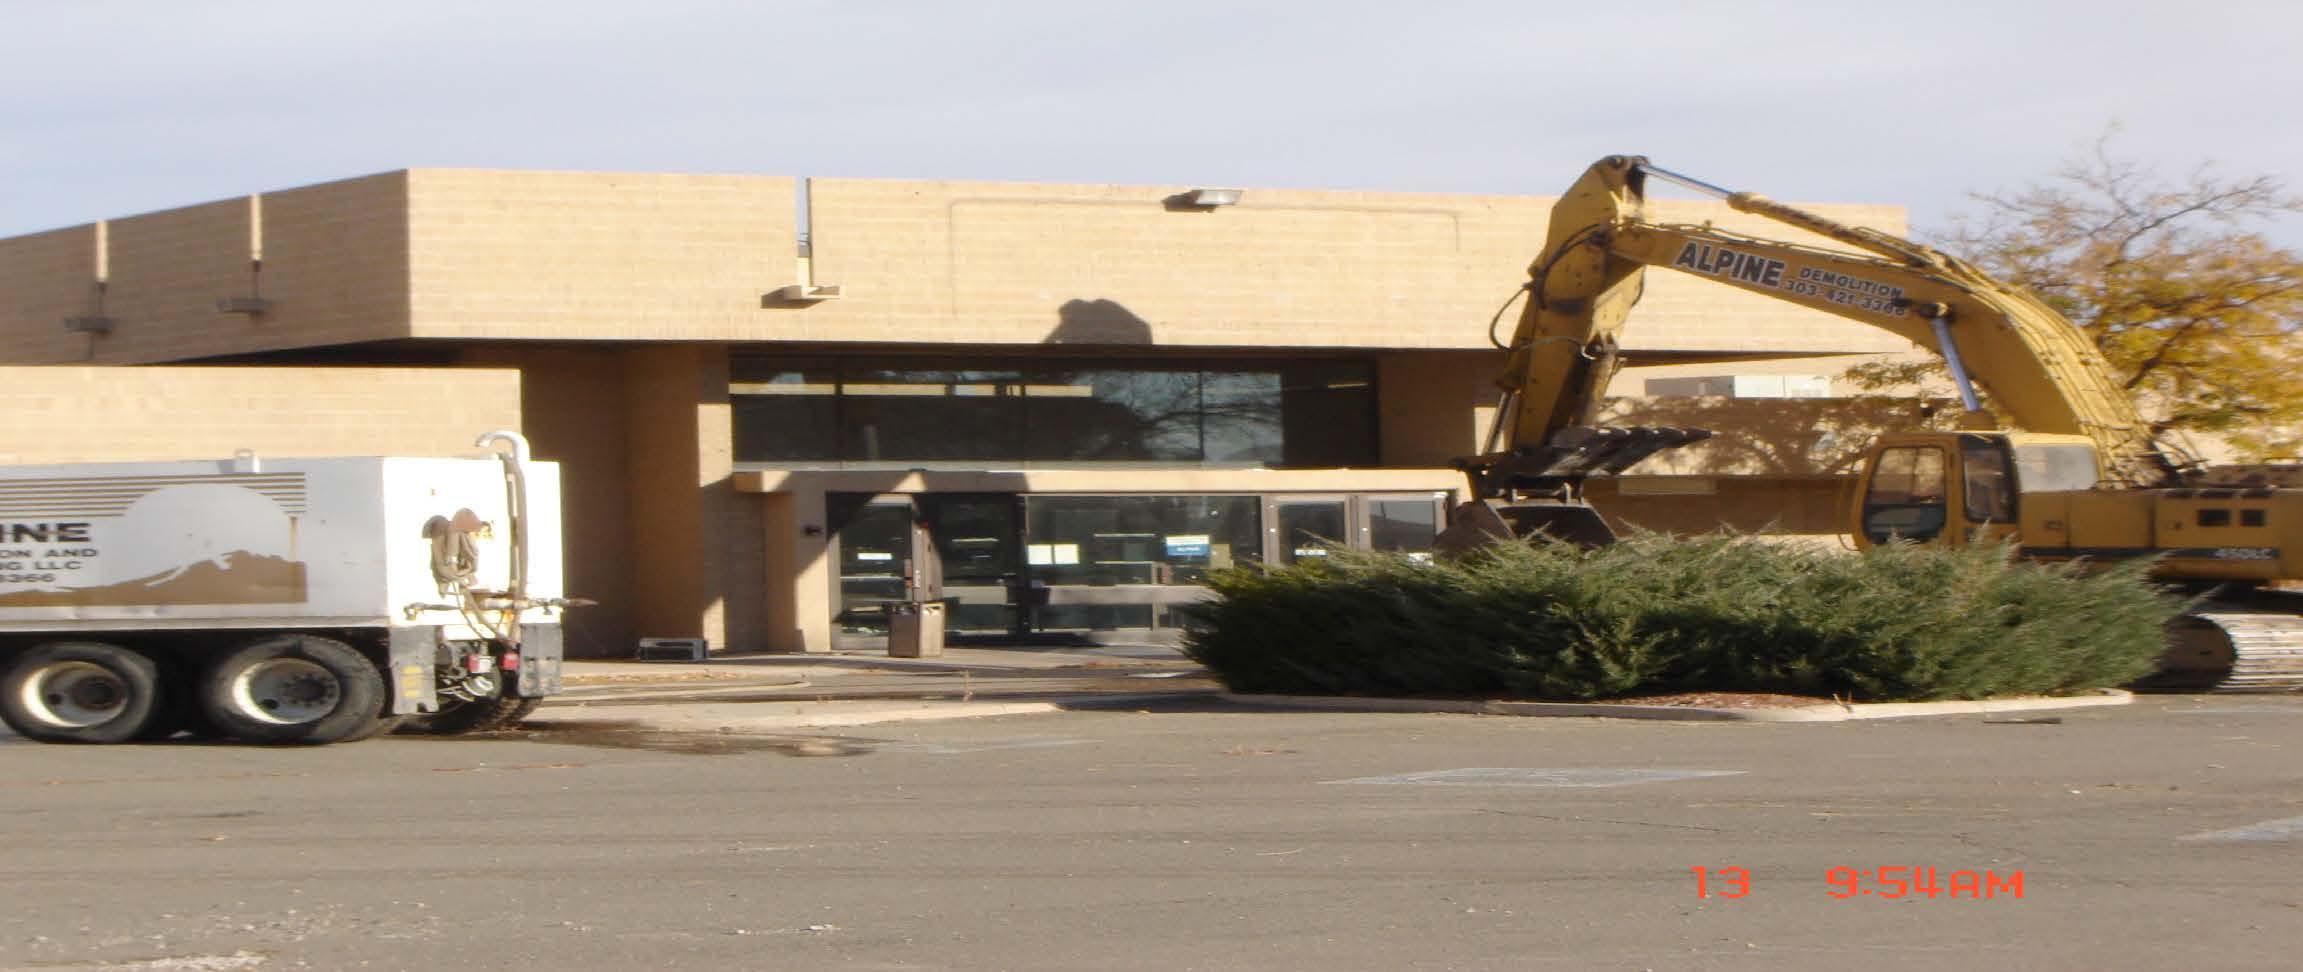 Former Building 667 Property - Denver, CO